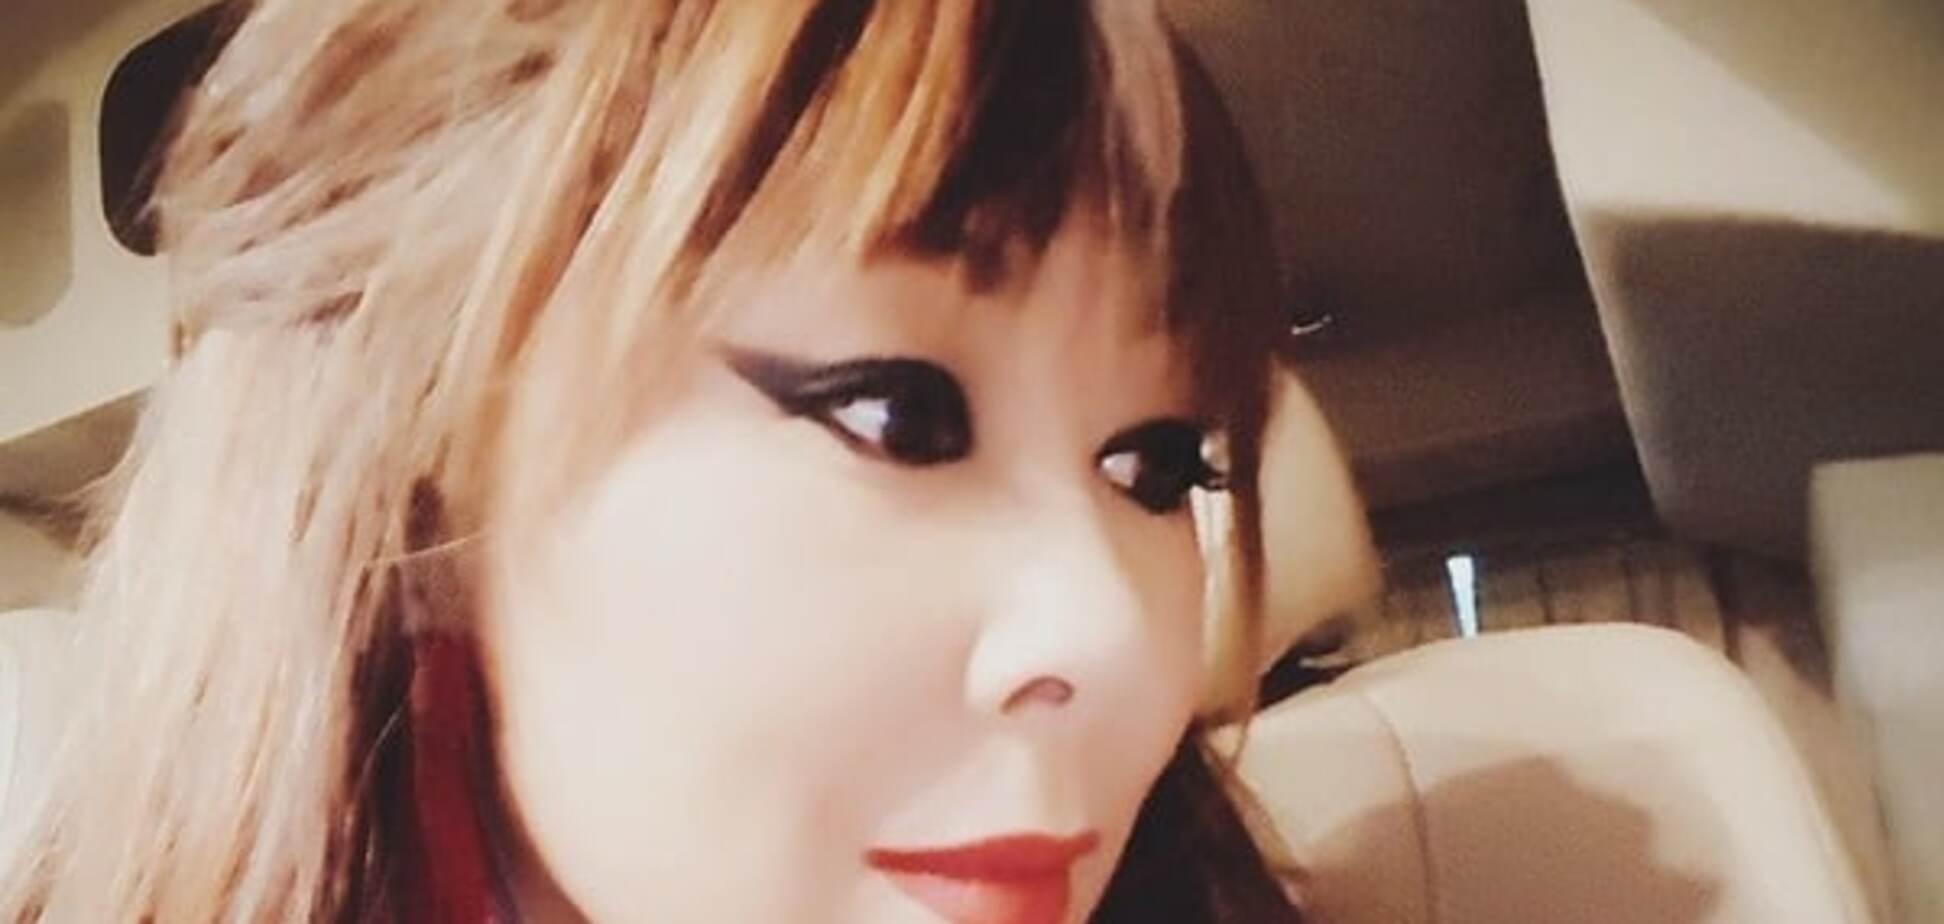 Анита Цой рассказала об изнасиловании